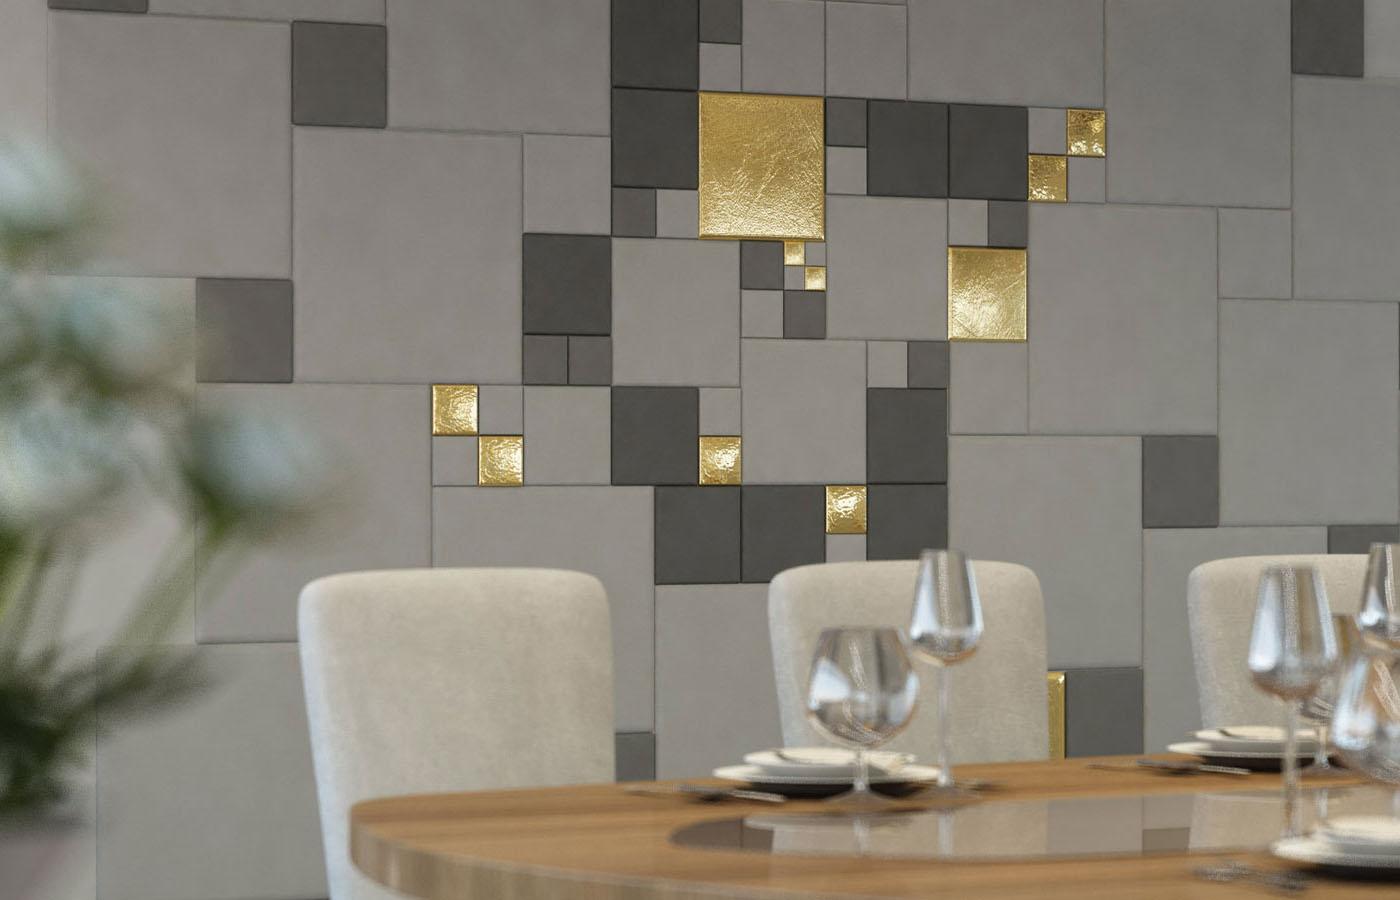 Мягкие стеновые панели с золотыми вставками